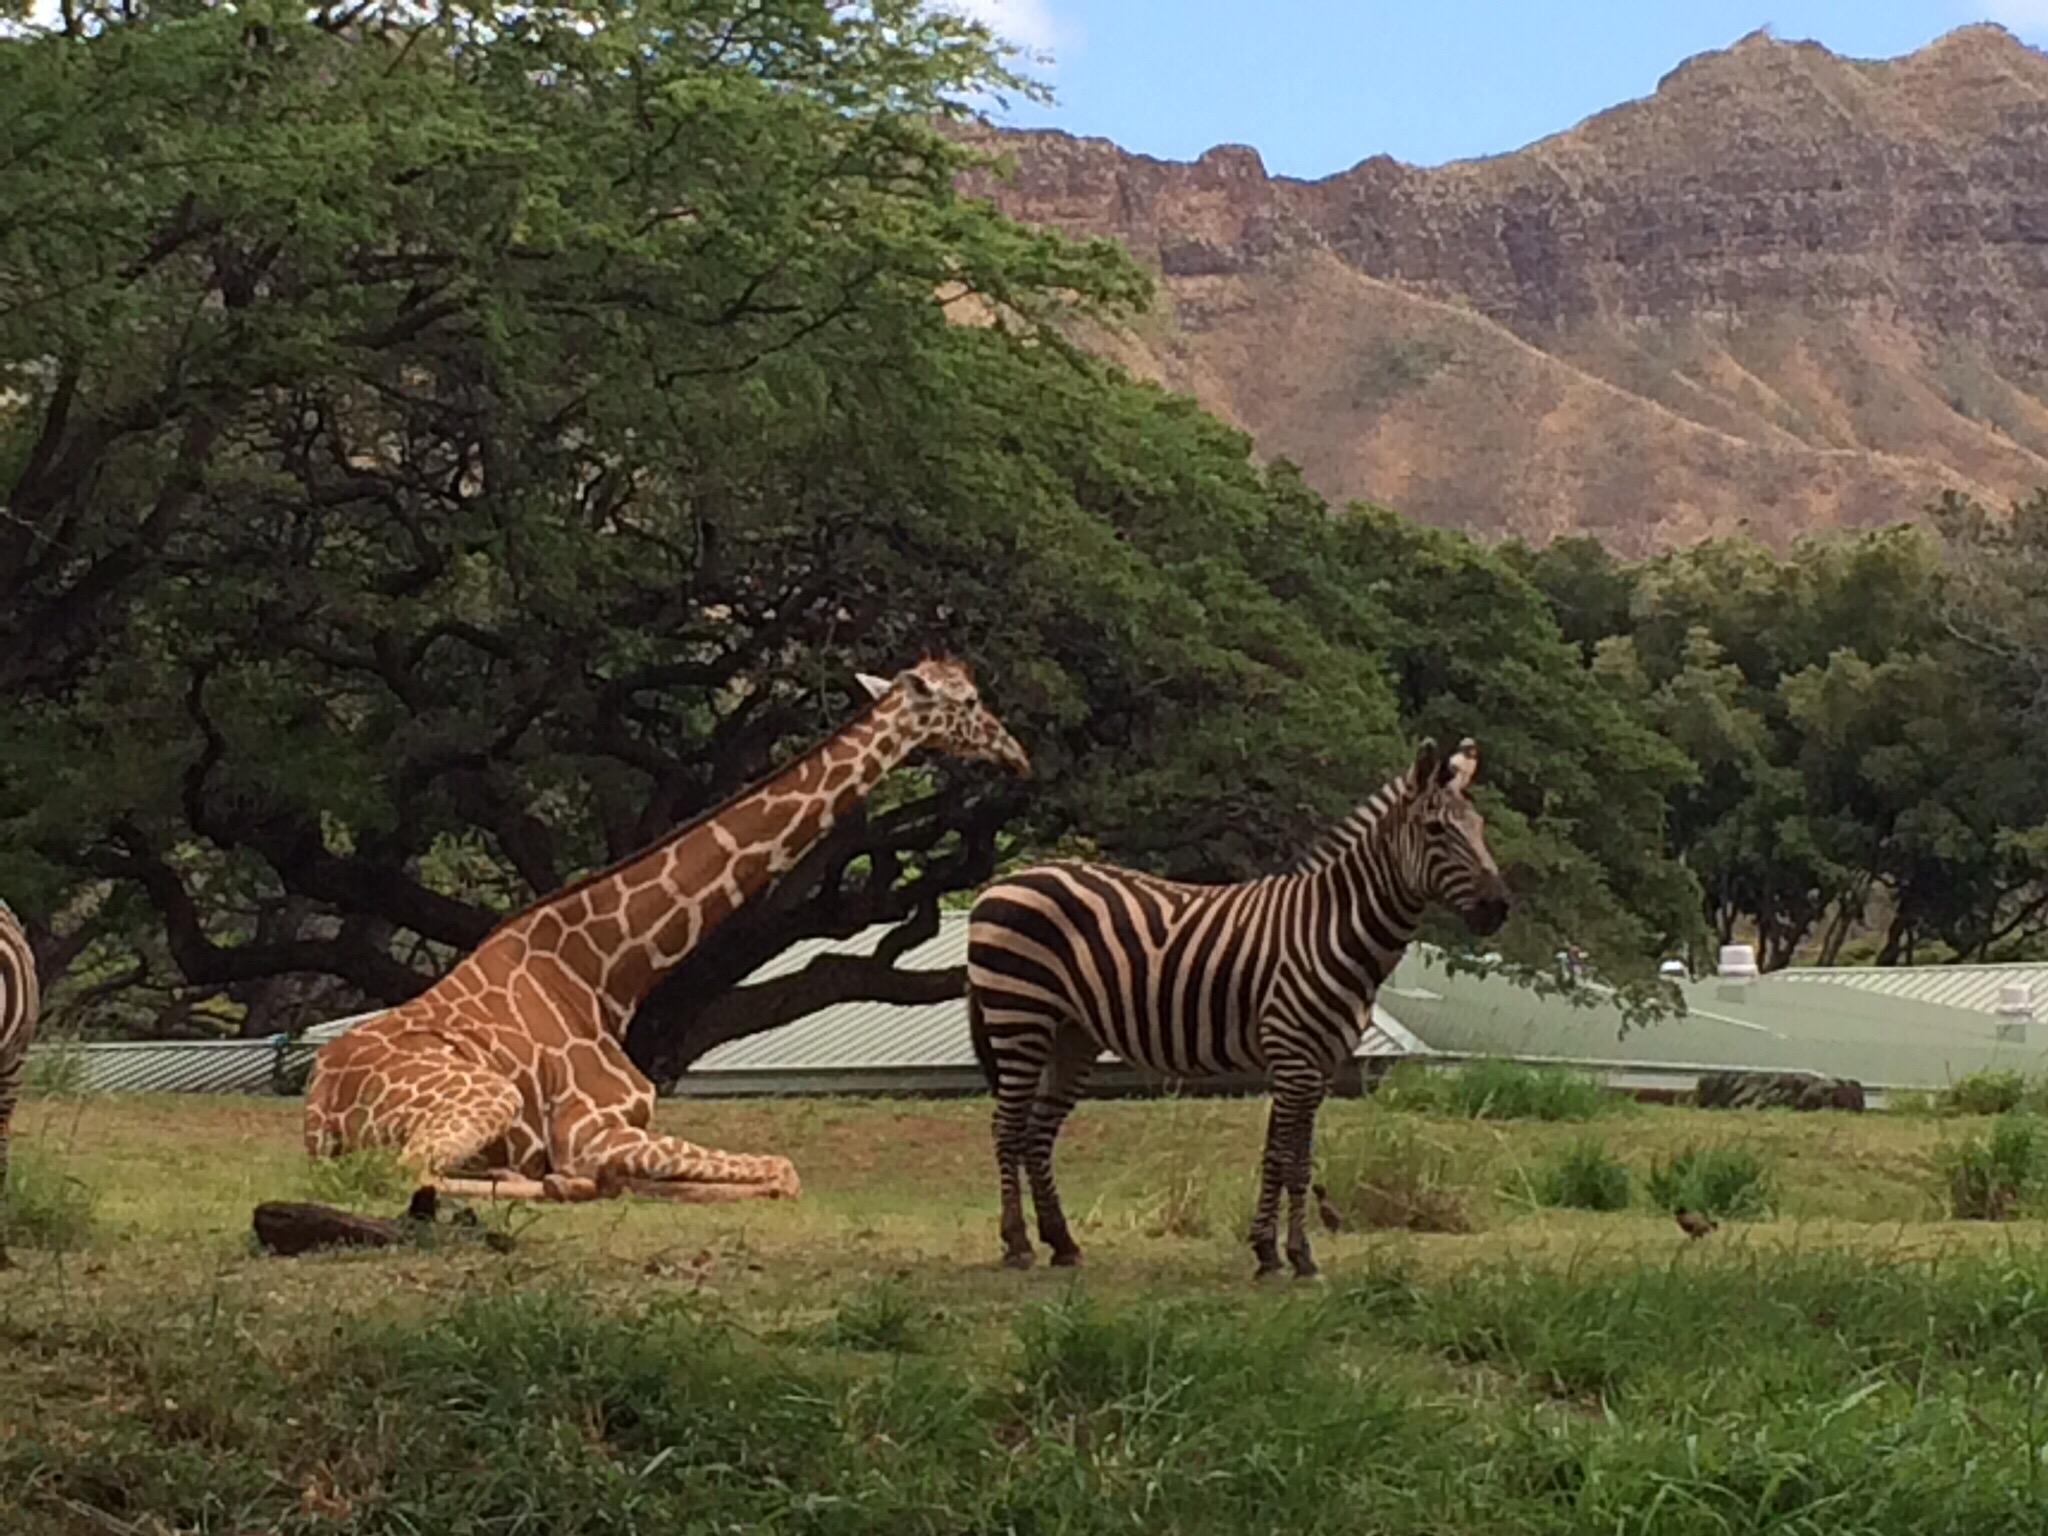 Giraffe and zebra at the Honolulu Zoo.